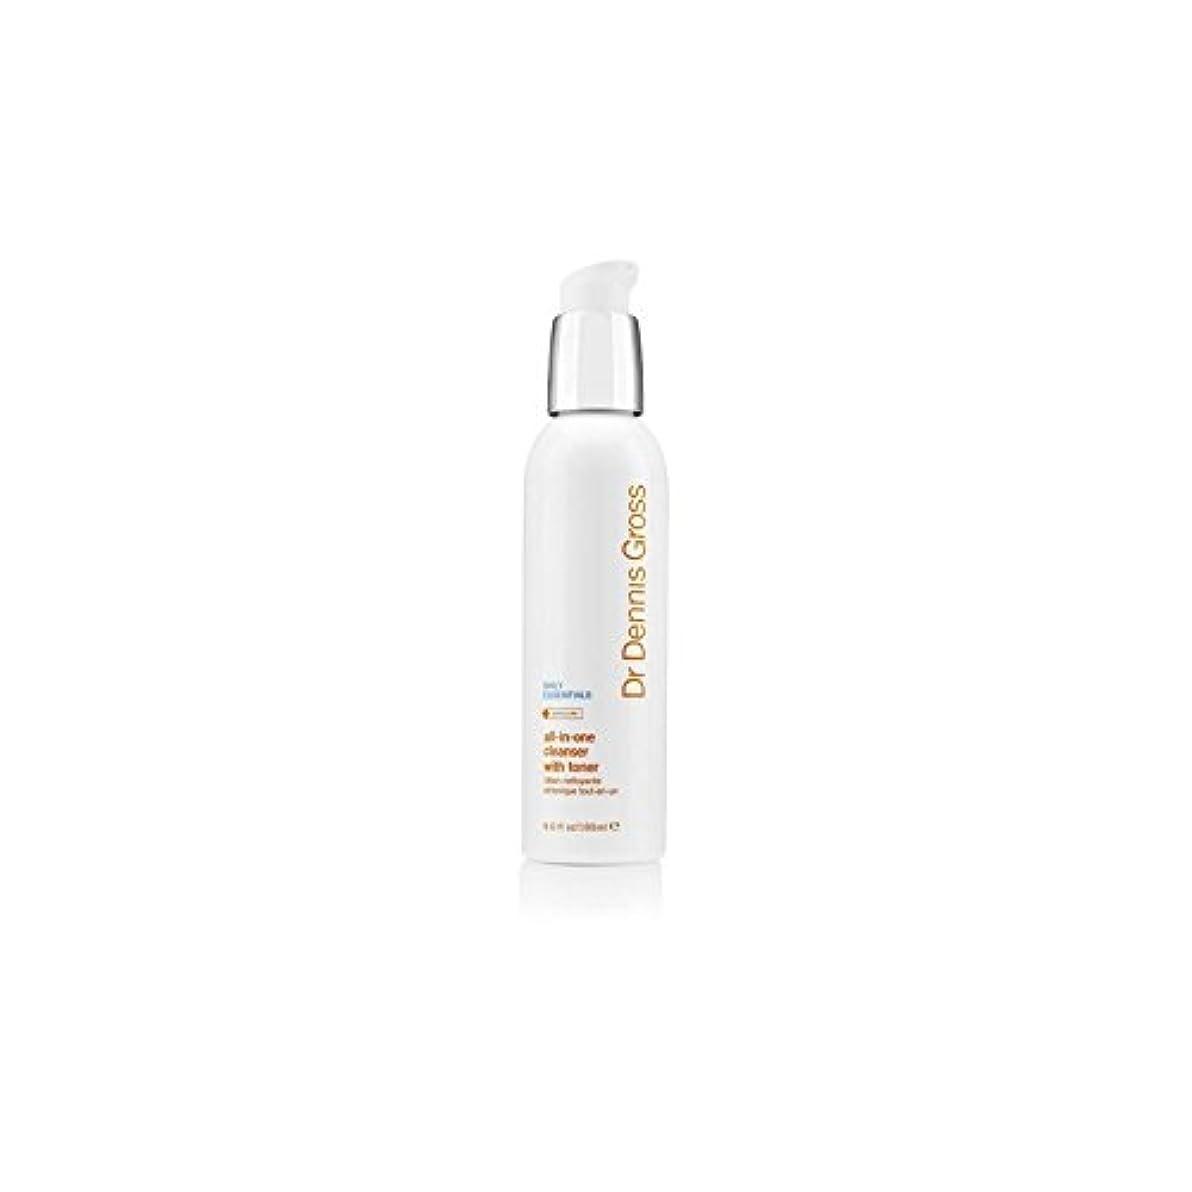 活発分類一致Dr Dennis Gross All-In-One Facial Cleanser With Toner (180ml) - デニスグロスオールインワントナー(180ミリリットル)とフェイシャルクレンザー [並行輸入品]